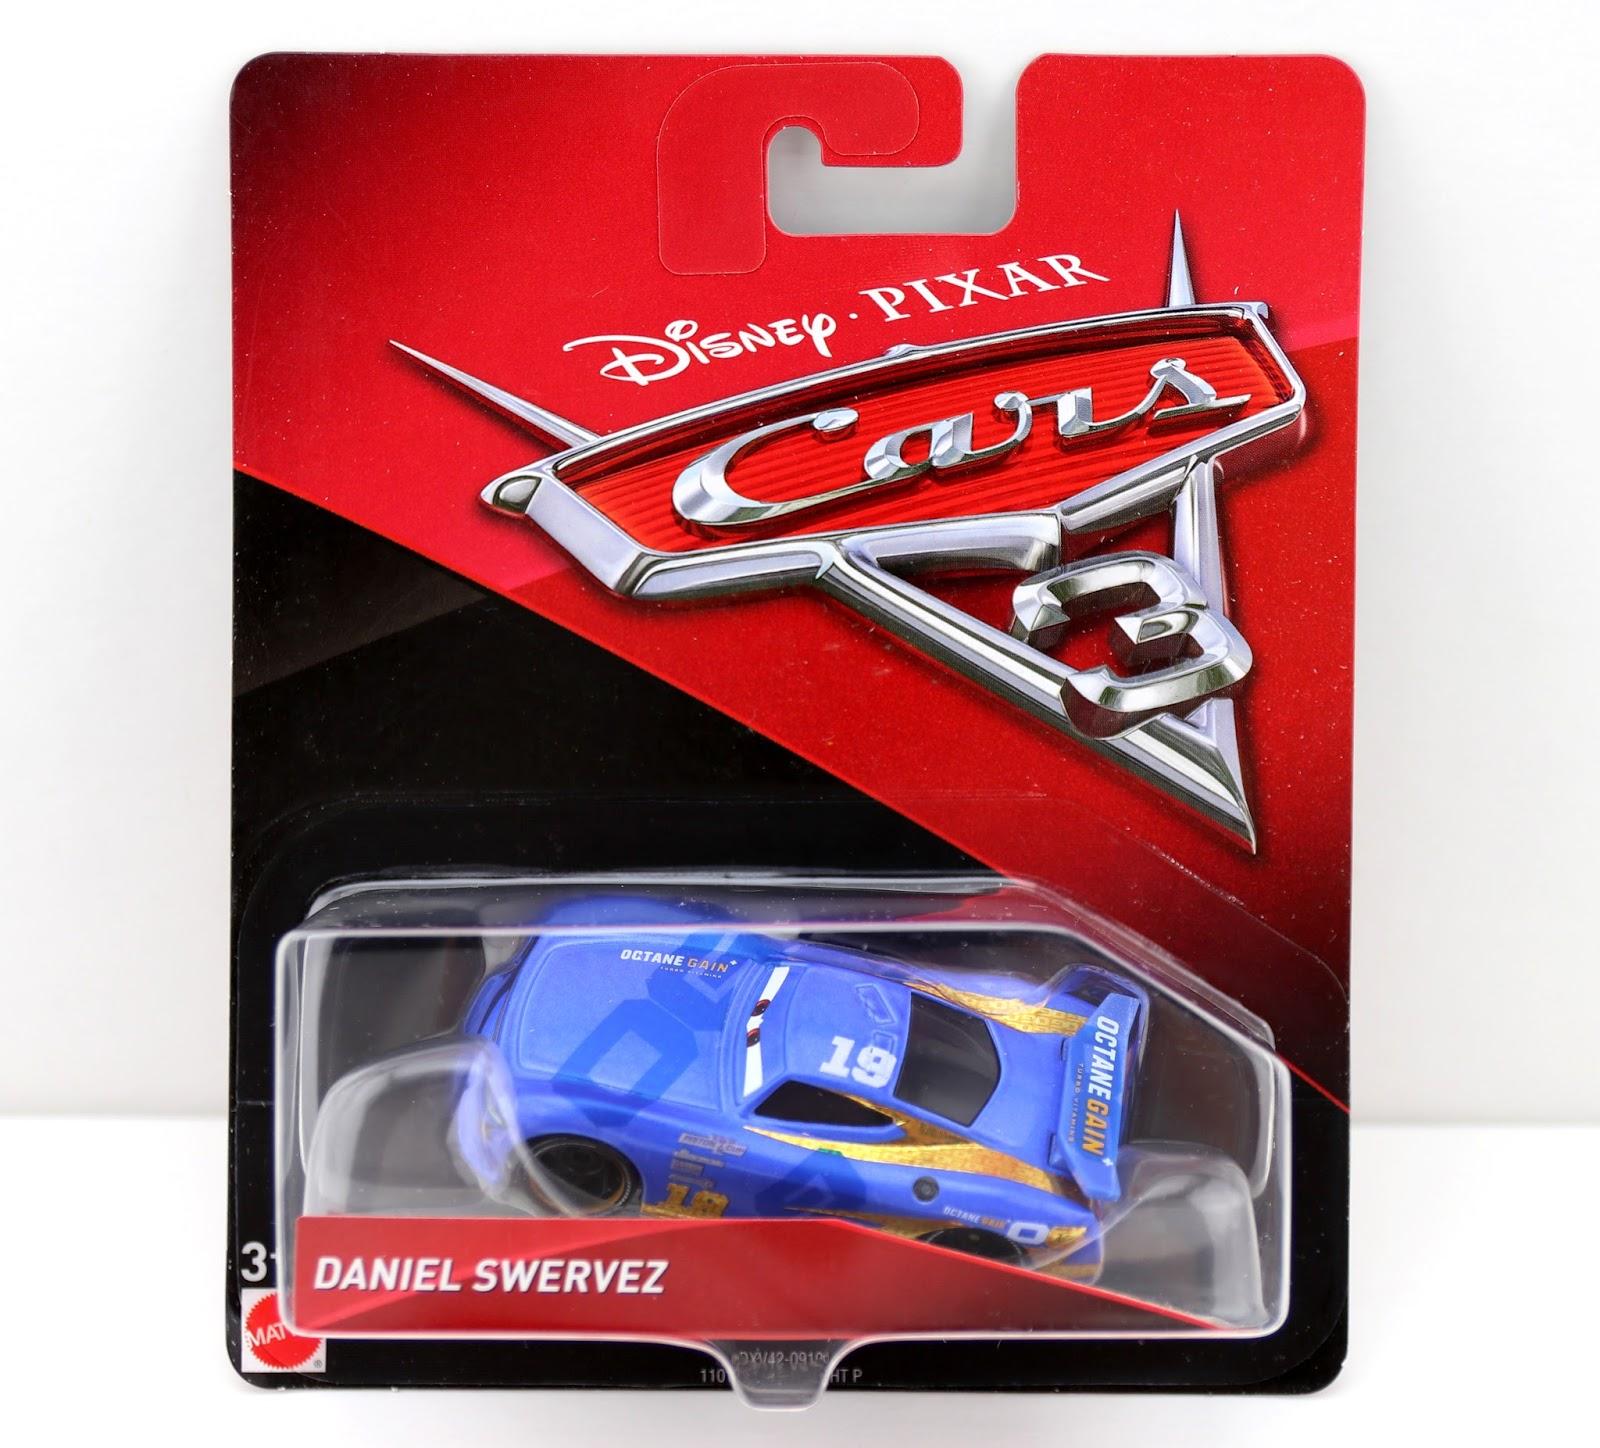 Cars 3 Daniel Swervez mattel diecast